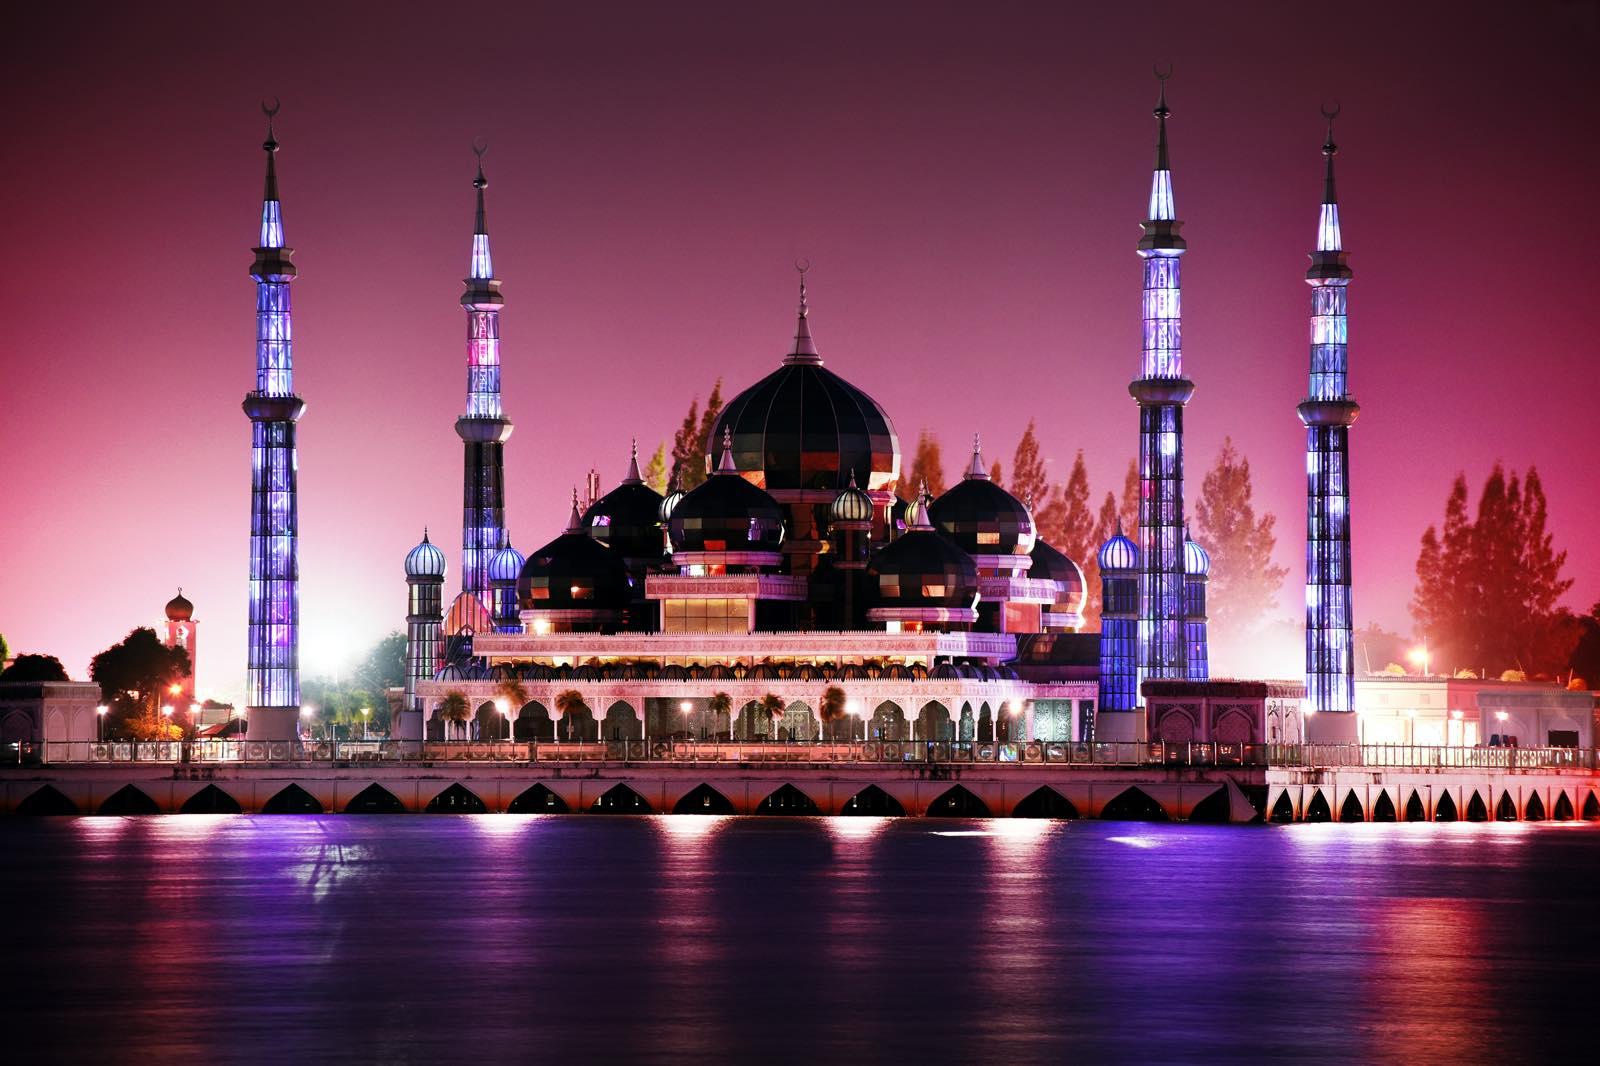 マレーシアのクリスタルモスク